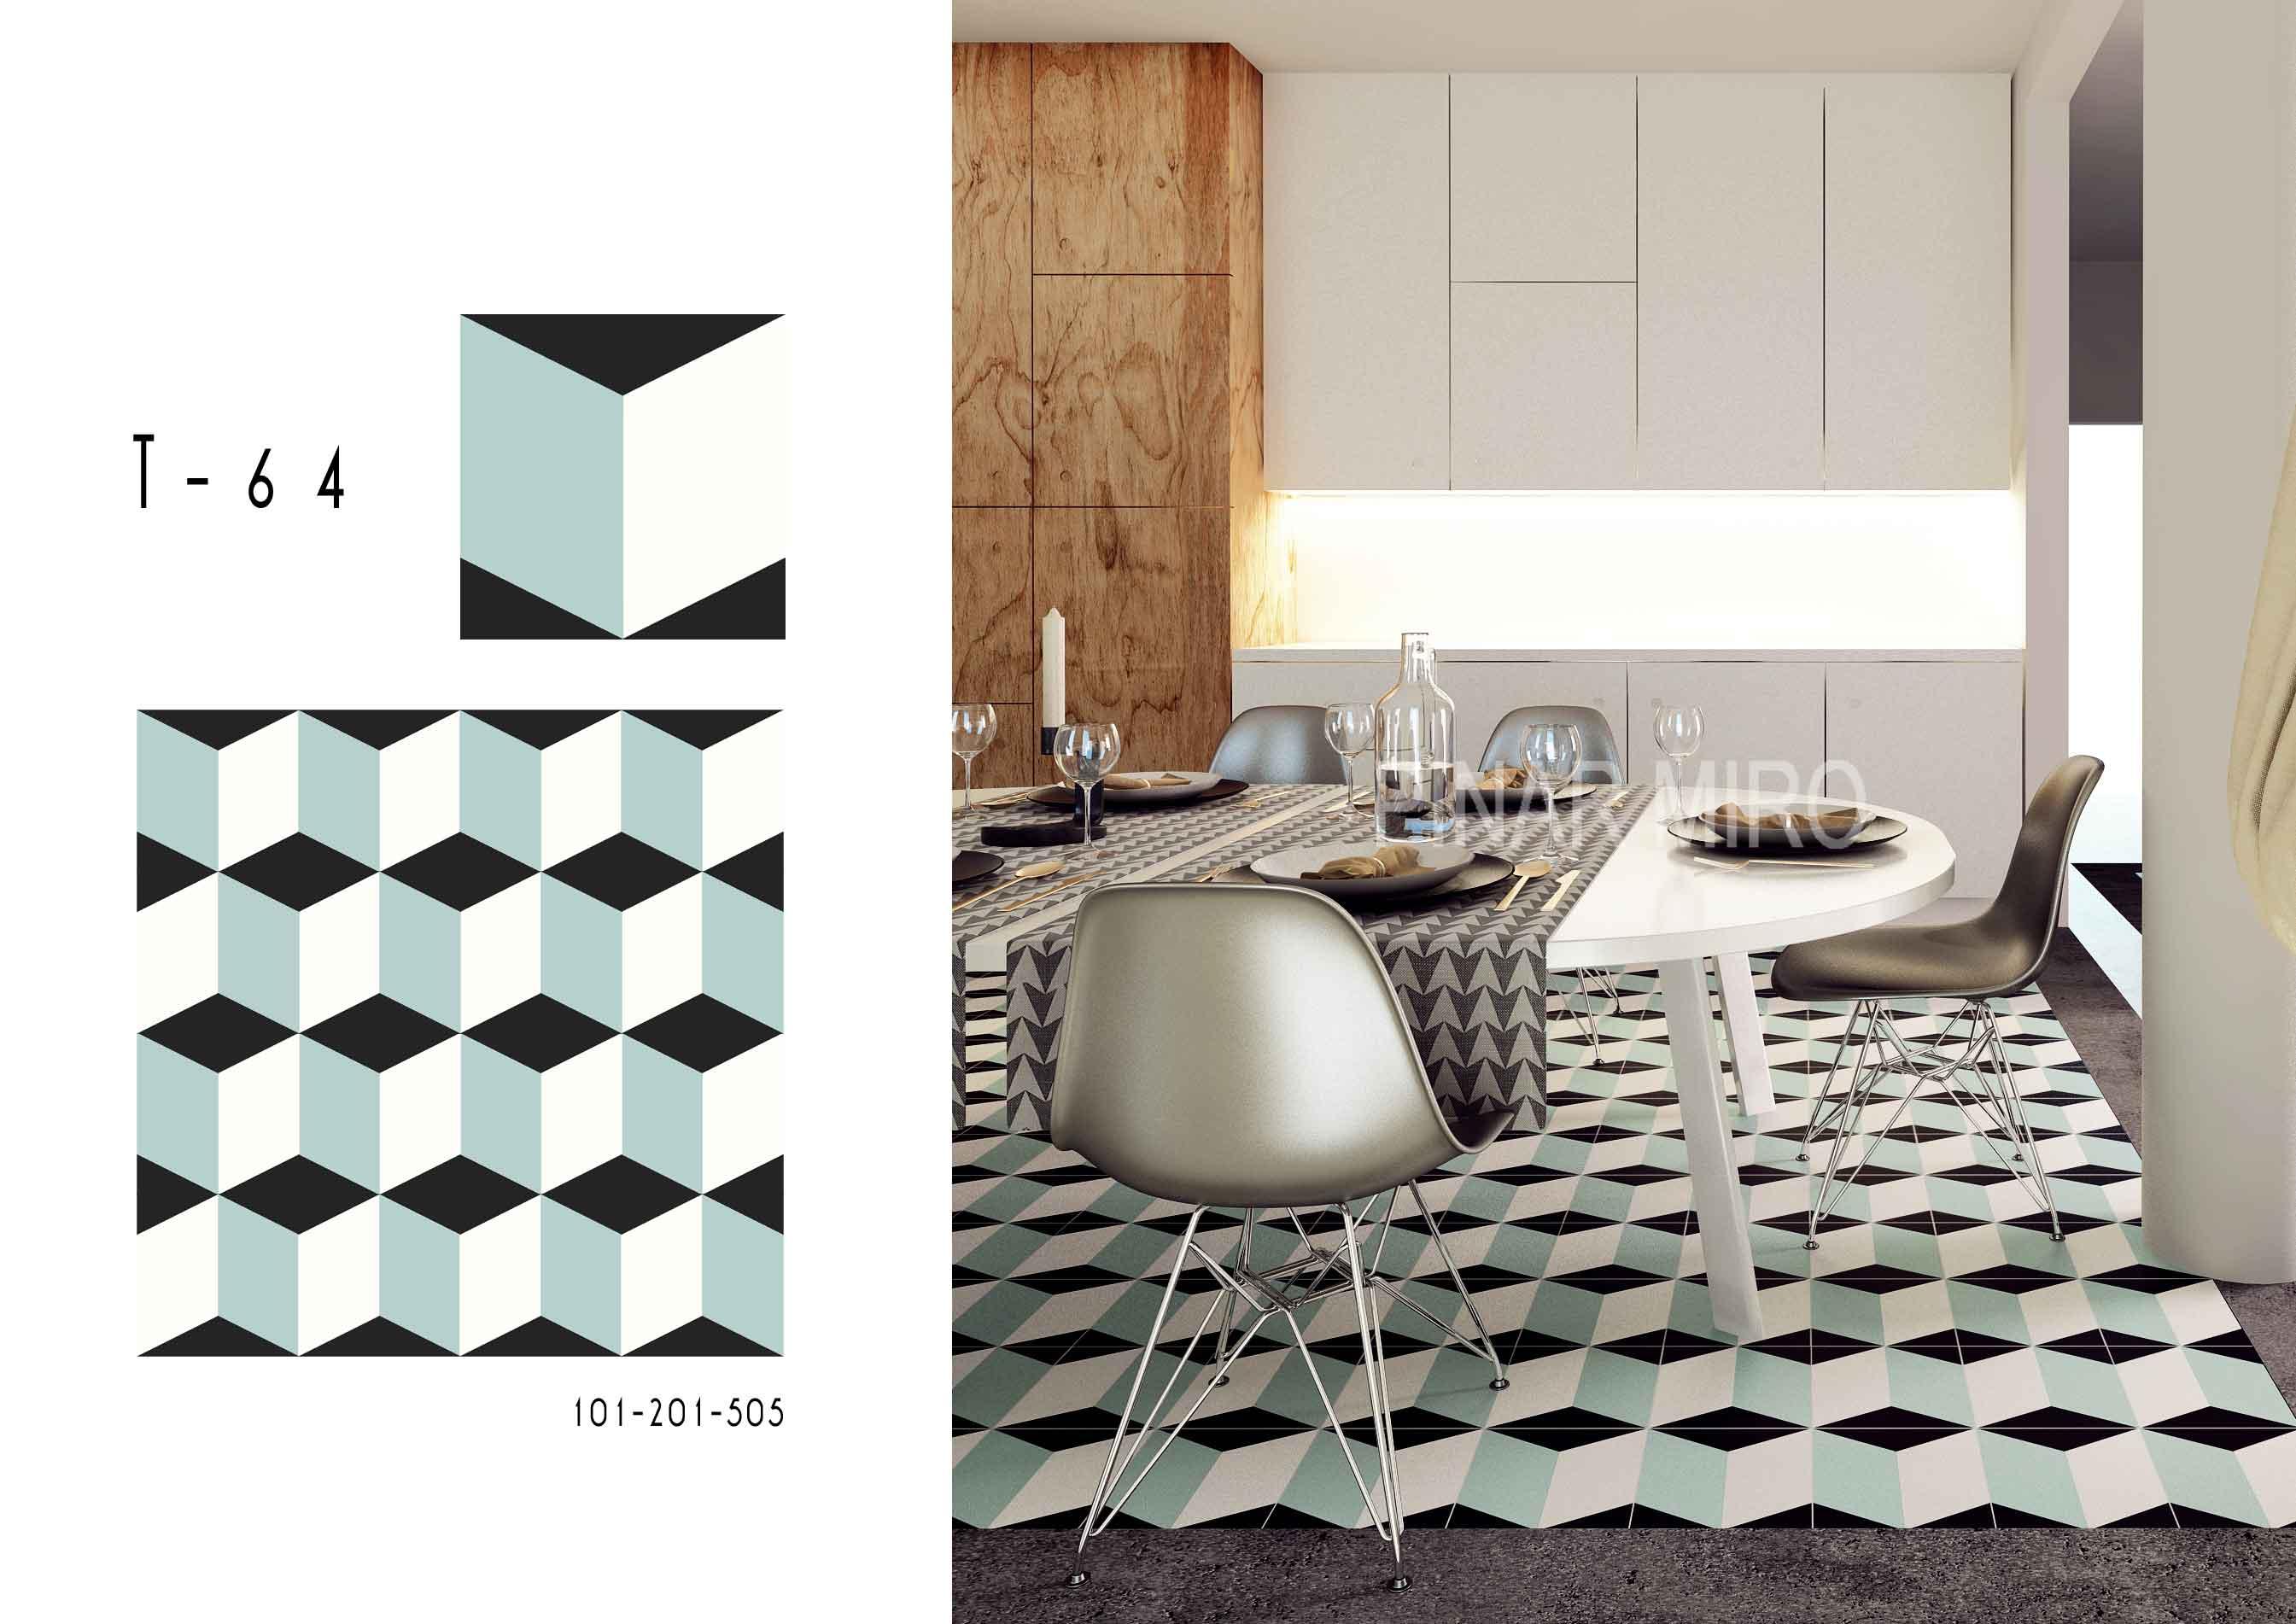 1t064-pinar-miro-cement-tiles